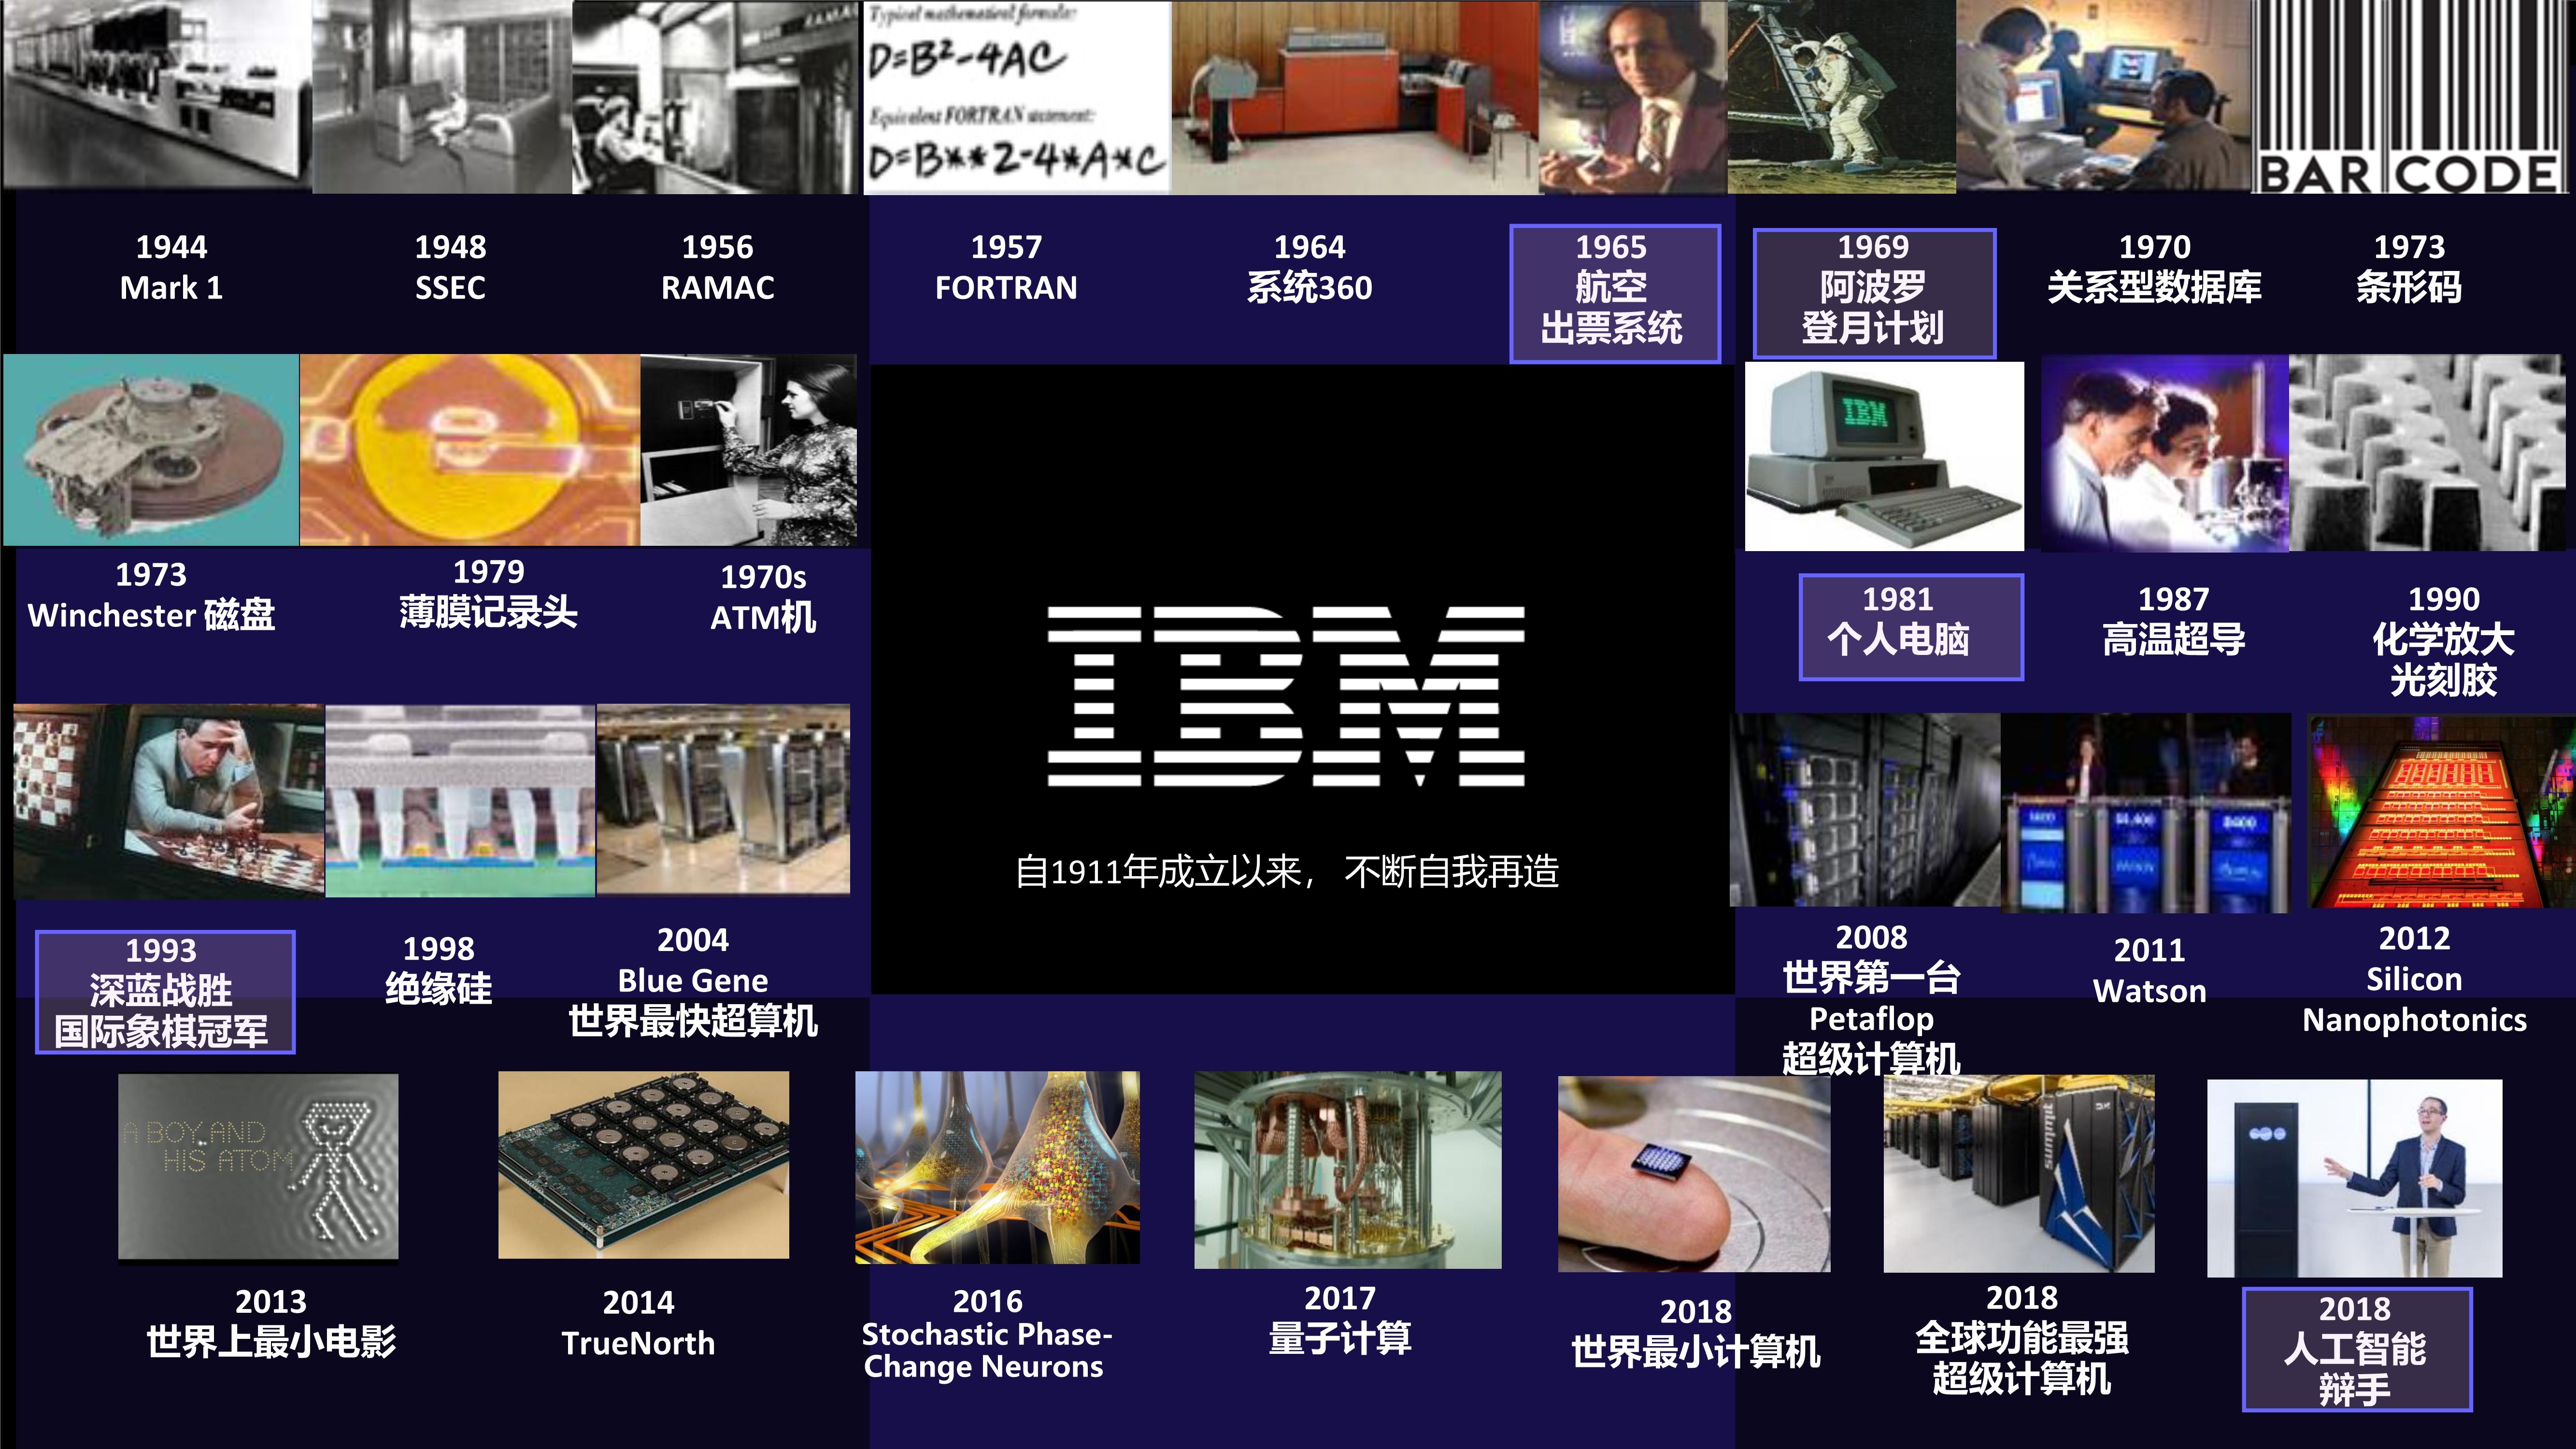 IBM中国研究院将全面关闭